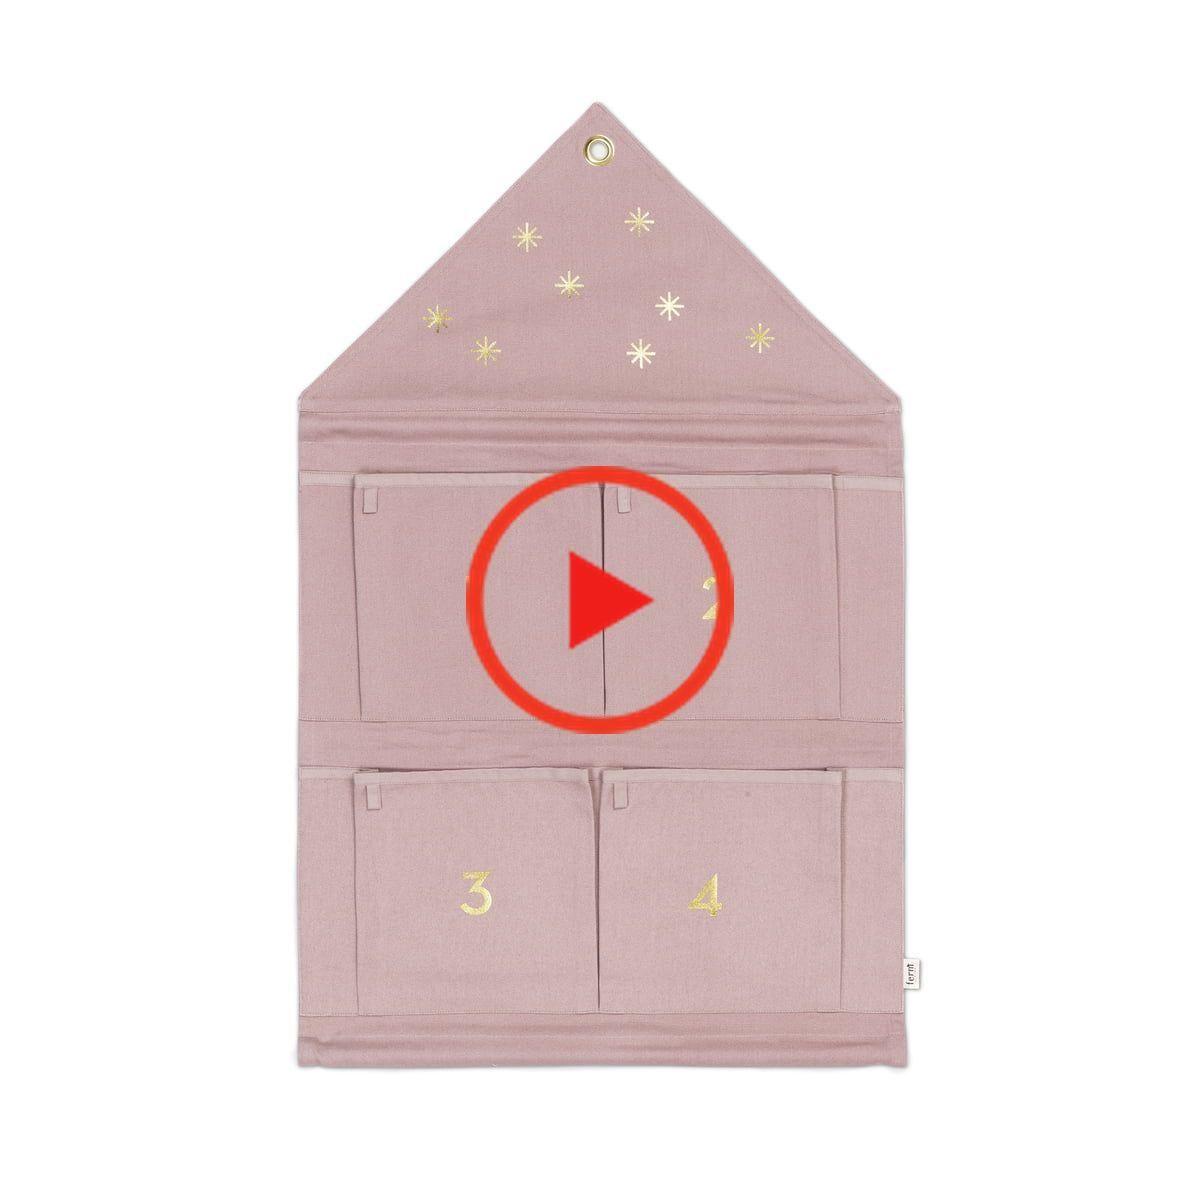 Ferm LIVING - Maison Calendrier de l'Avent 4 compartiments, rose